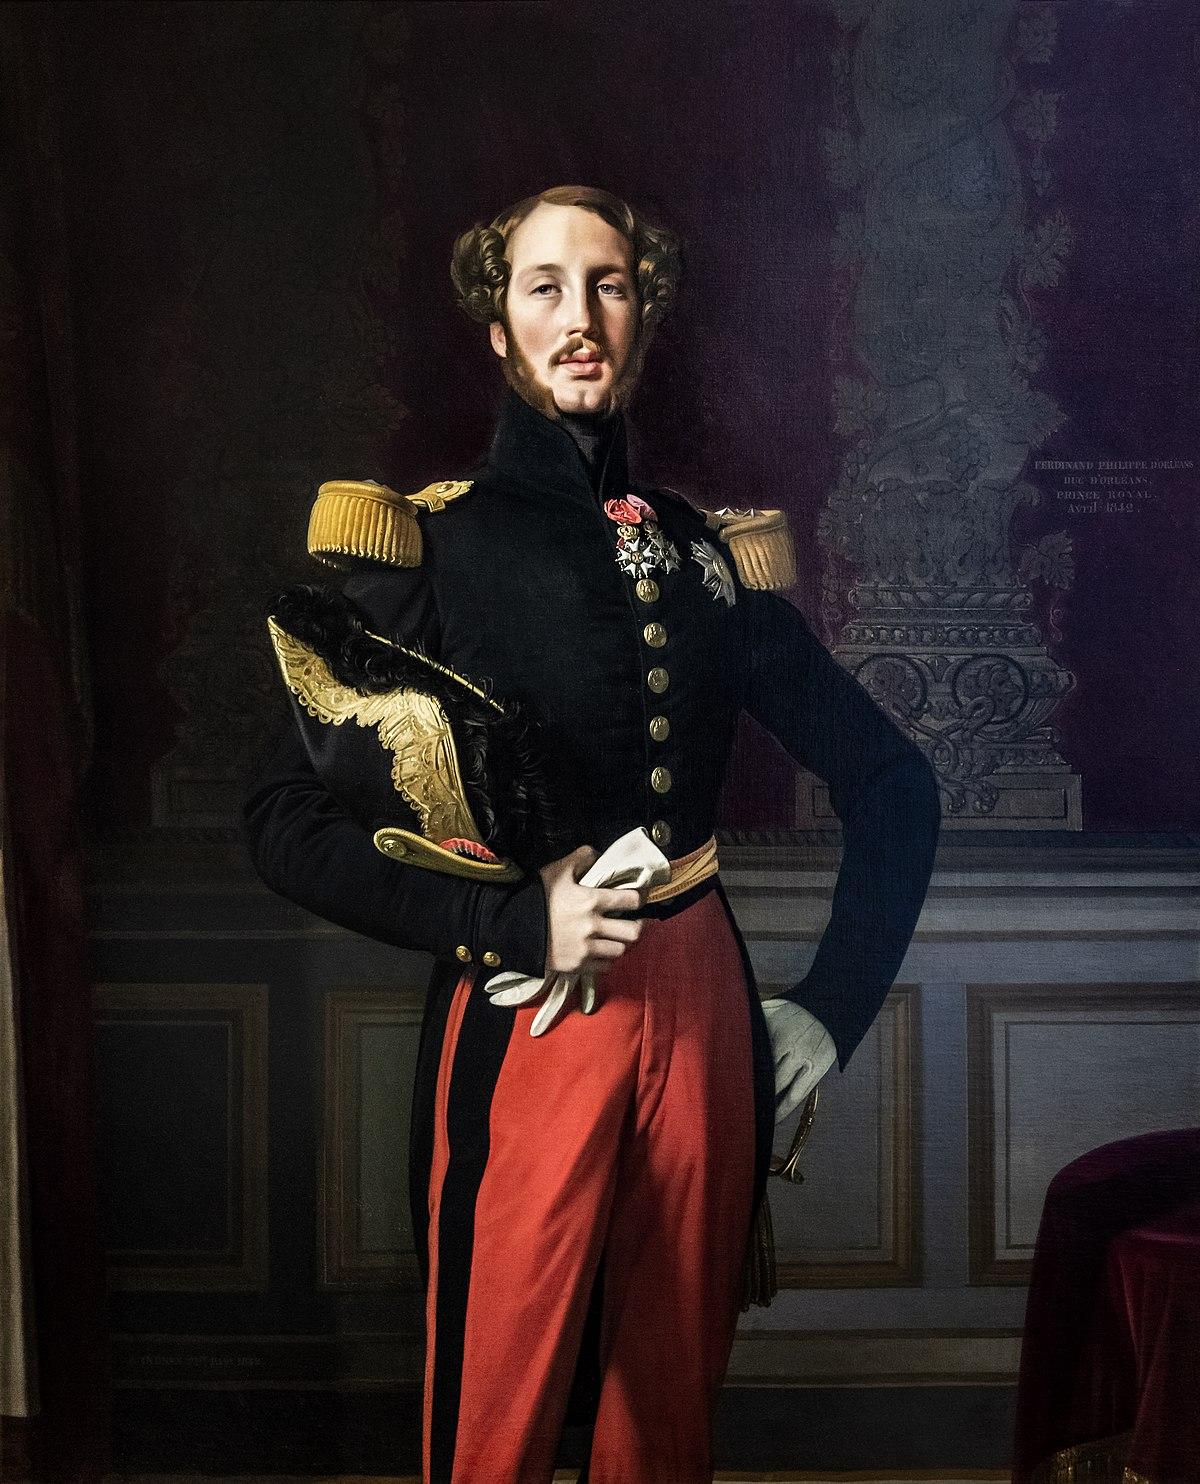 Le treize juillet - Alfred de Musset 1200px-75_-_Mus%C3%A9e_du_Louvre_-_Ferdinand-Philippe_d%27Orl%C3%A9ans_par_Ingres_-_RF_2005-13